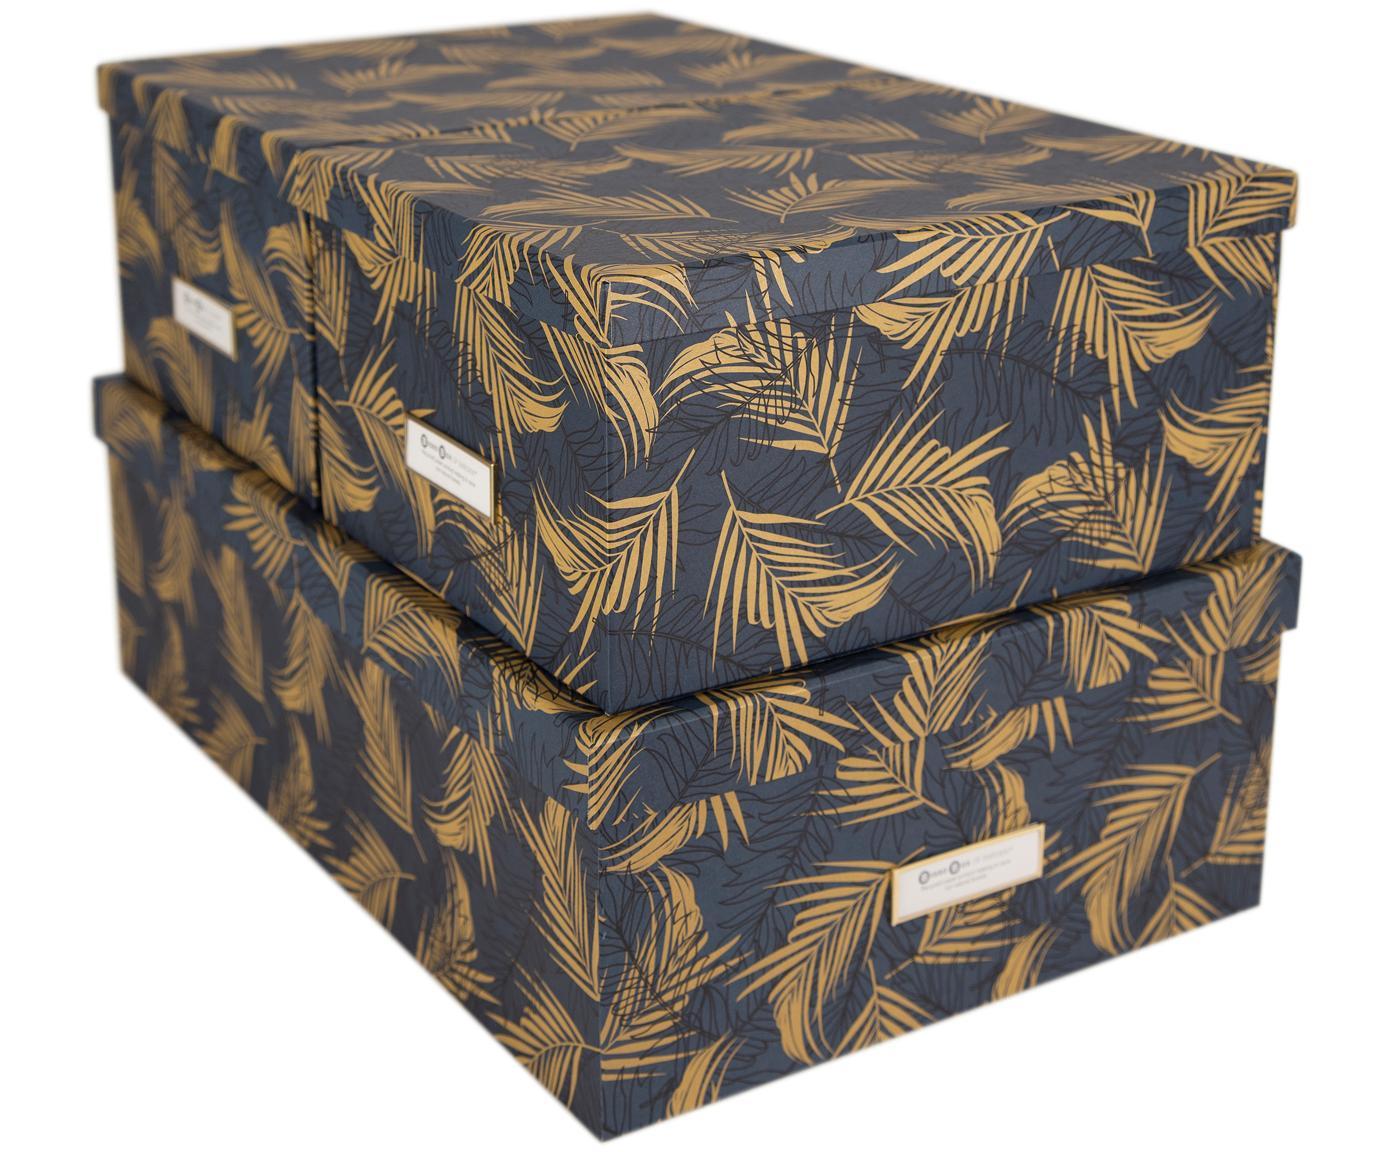 Aufbewahrungsboxen-Set Inge, 3-tlg., Box: Fester, laminierter Karto, Goldfarben, Graublau, Verschiedene Grössen